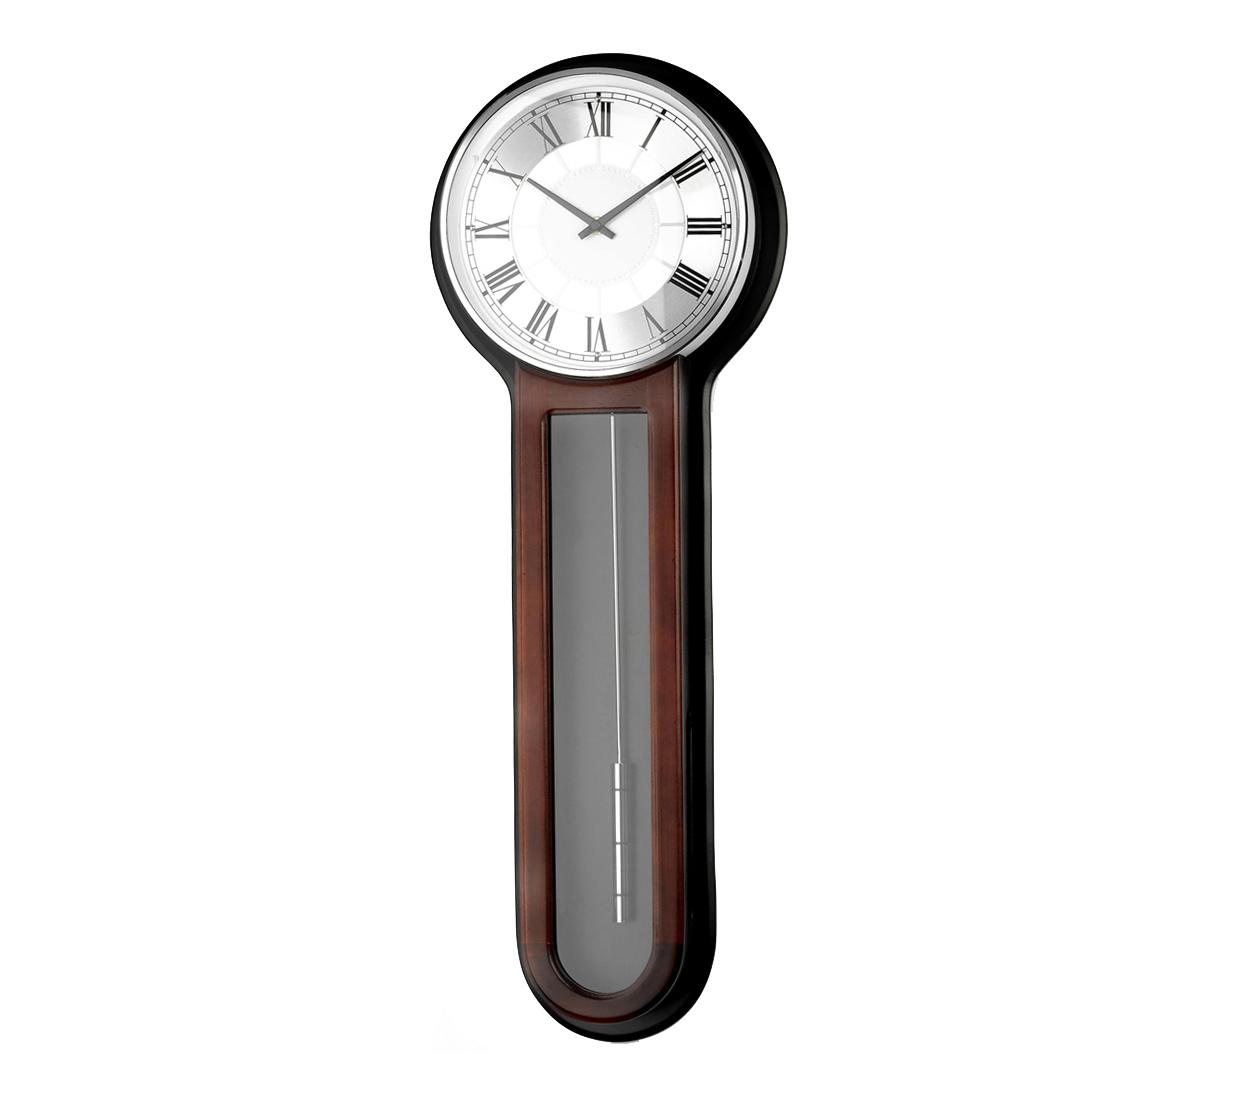 Reloj de pared con p ndulo seiko 70cm envio gratis - Relojes de pared modernos para salon ...